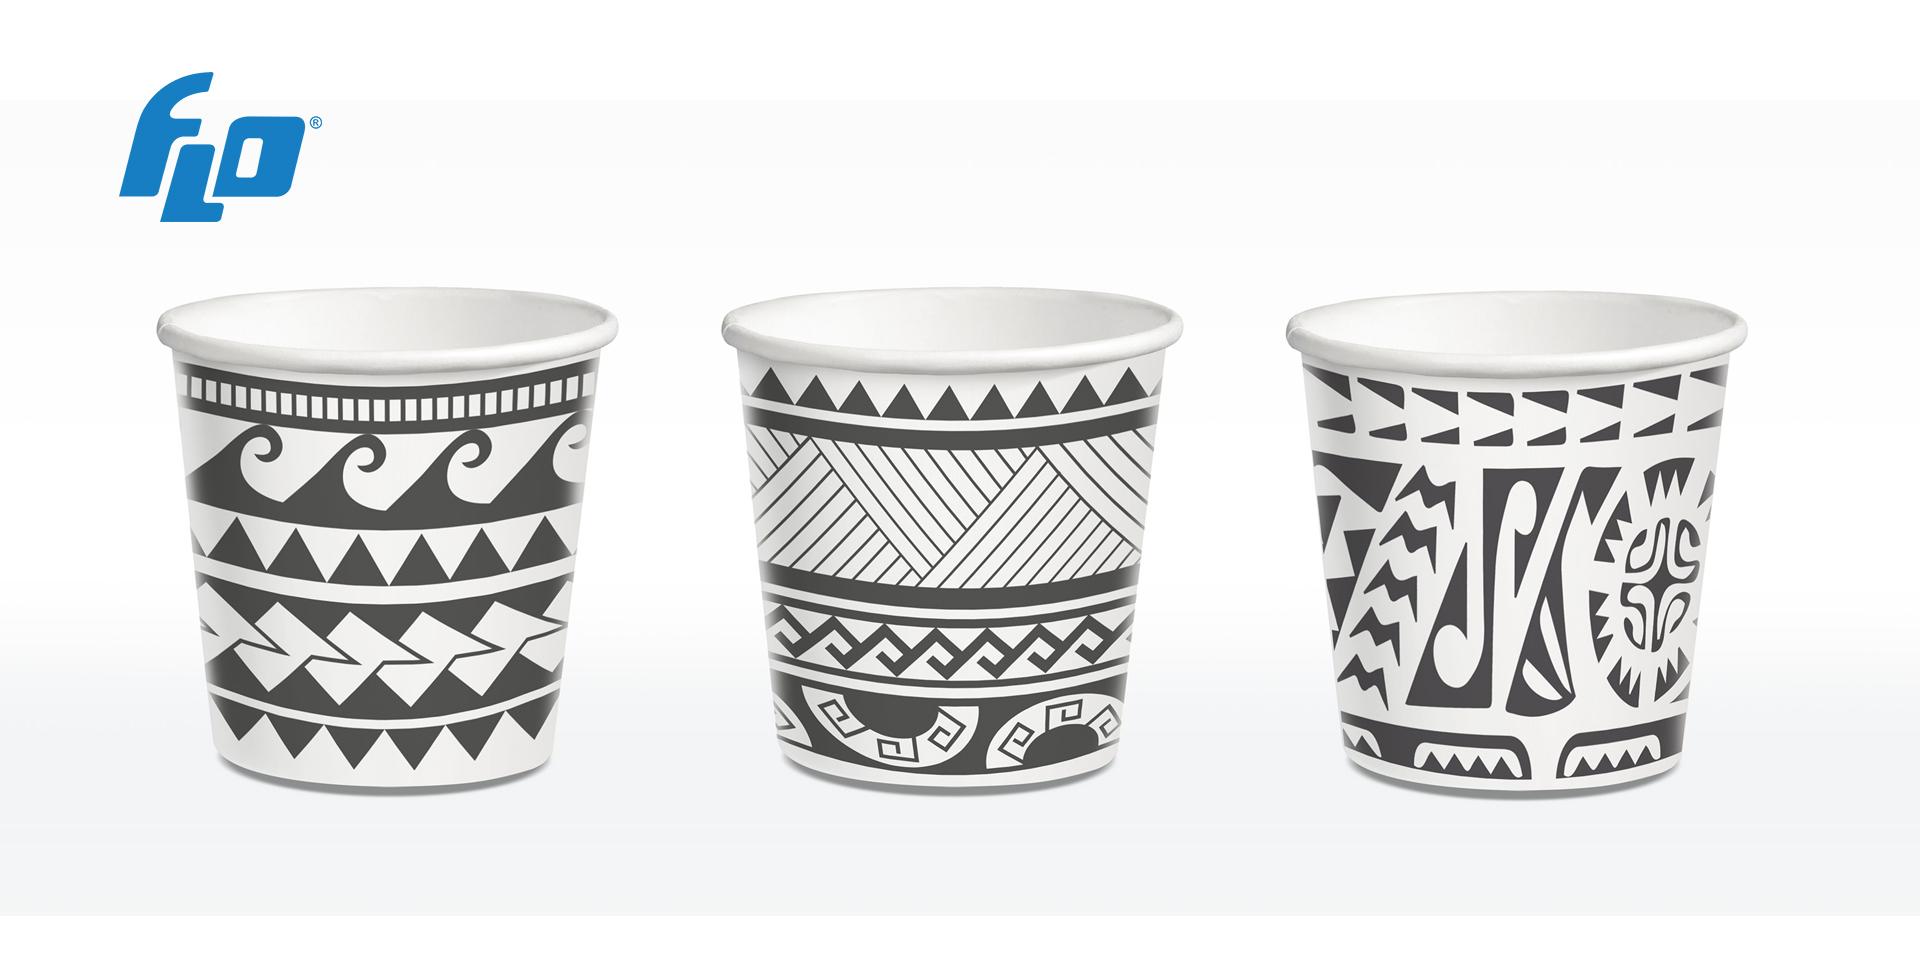 FLO представляет Maori, новую коллекцию бумажных стаканчиков